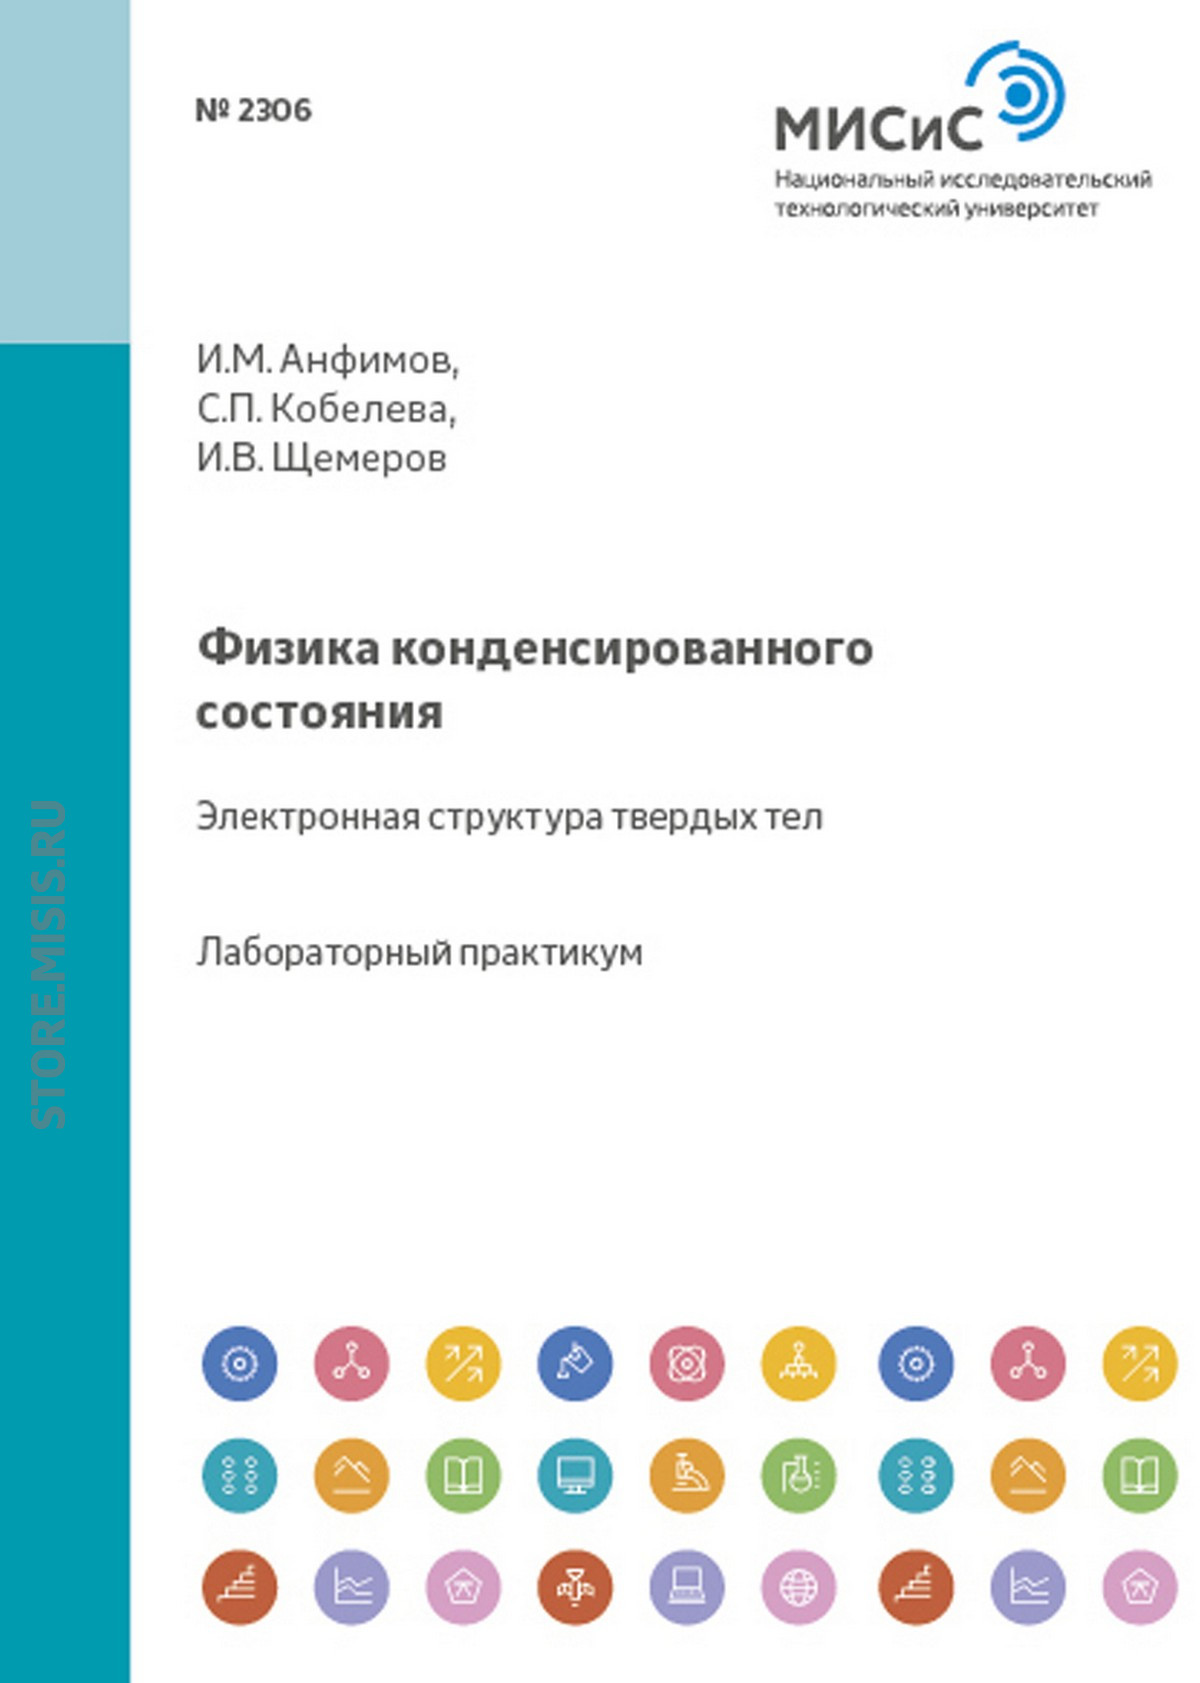 Иван Щемеров Физика конденсированного состояния. Электронная структура твердых тел цена